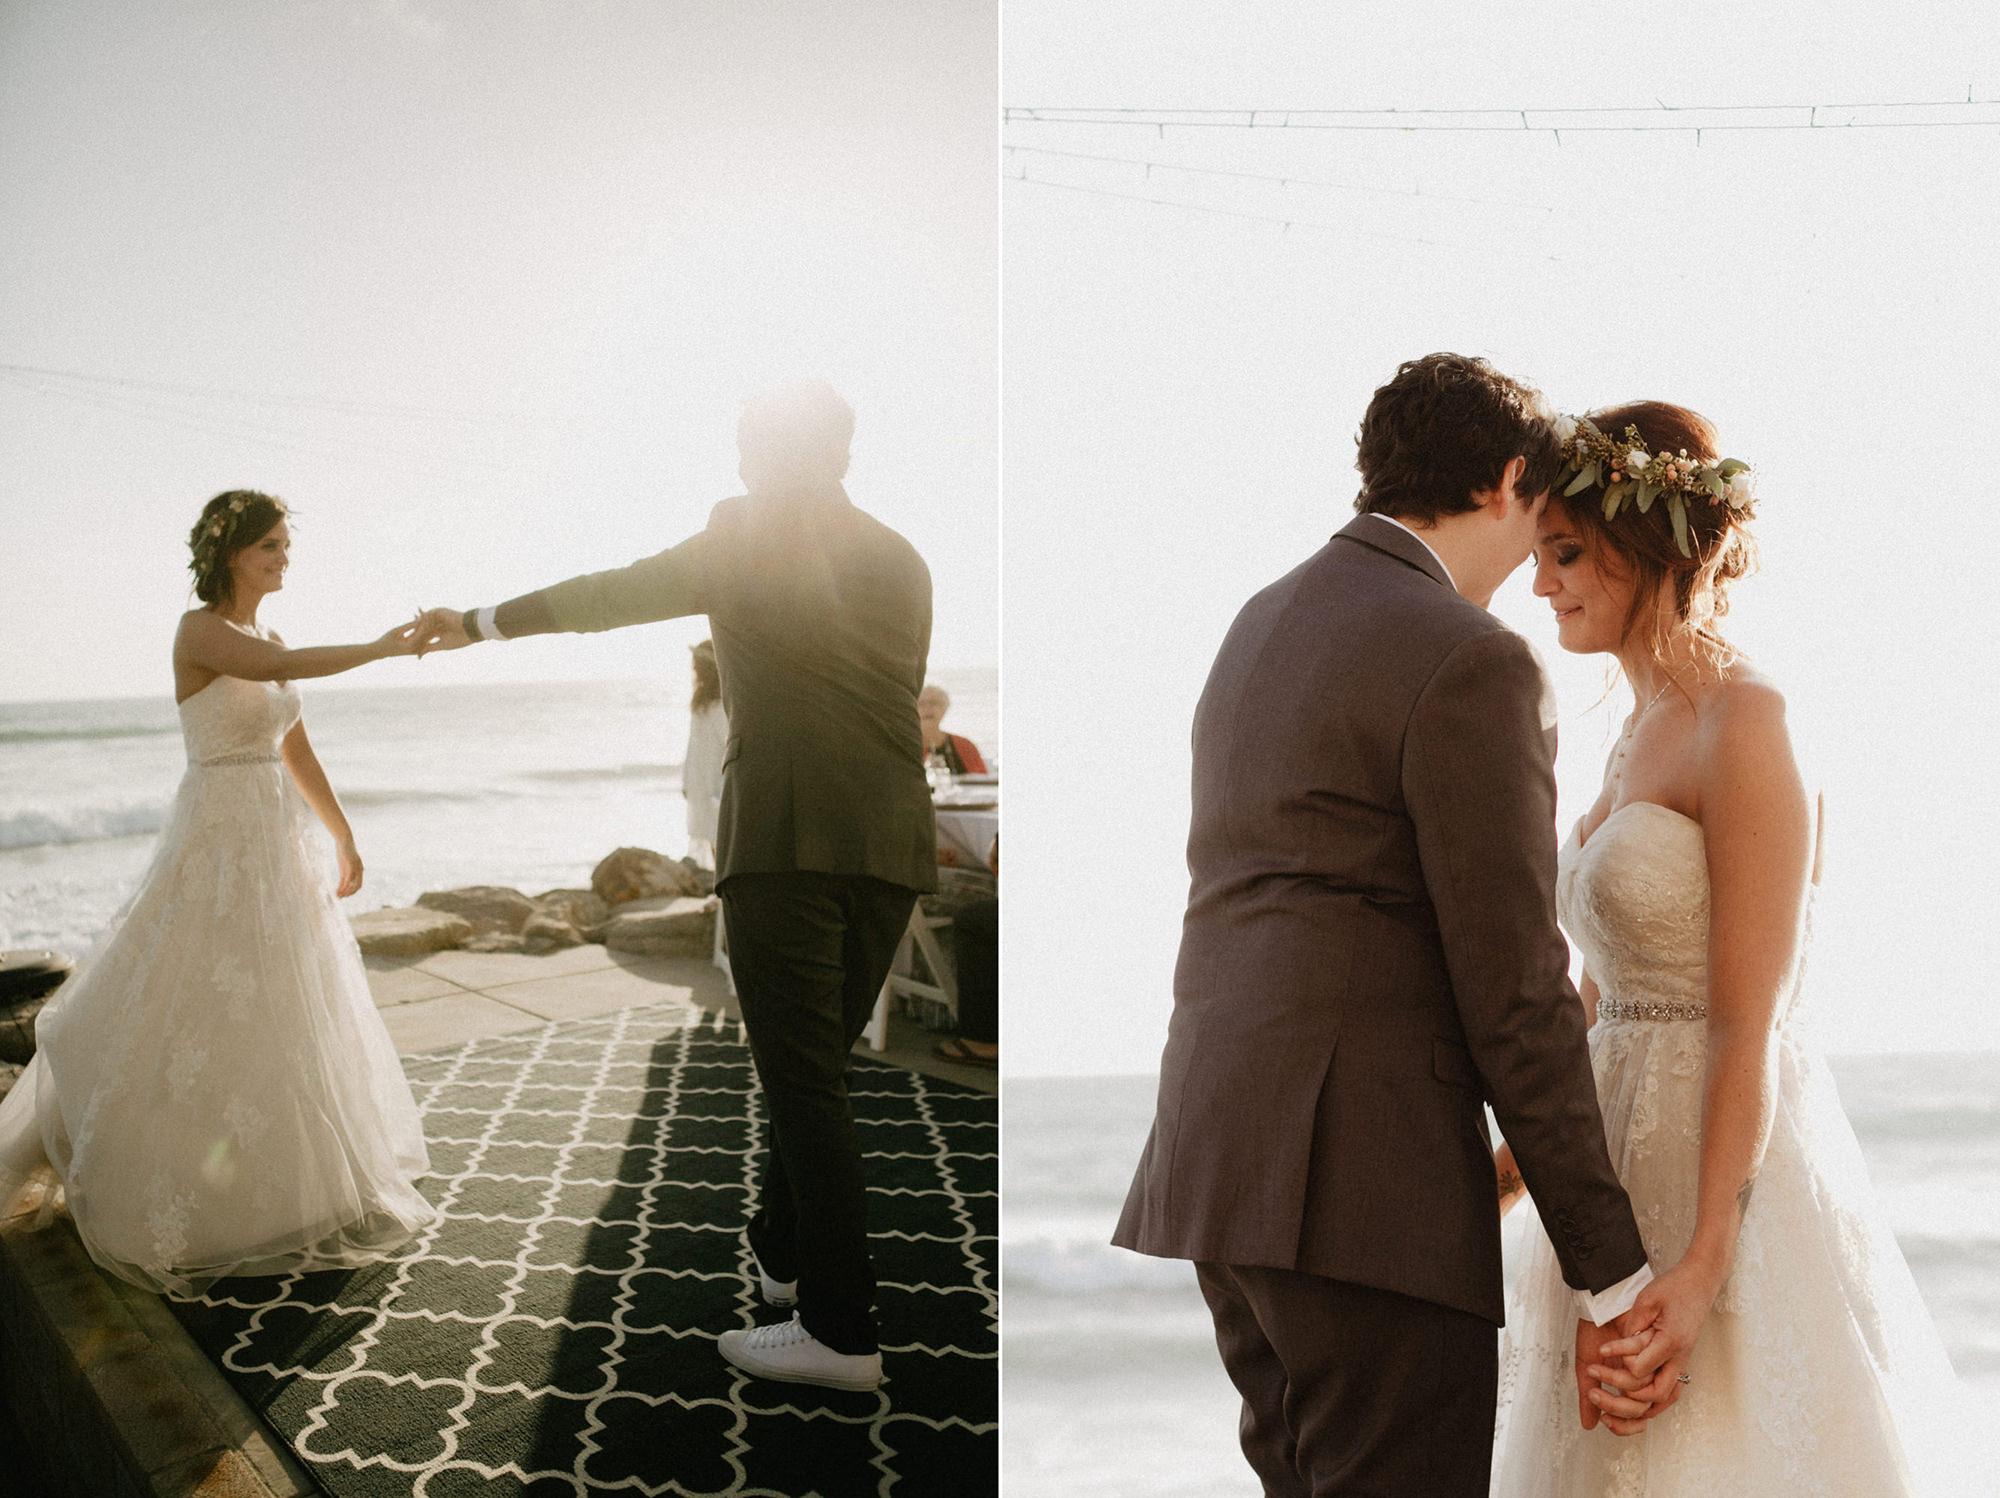 oceanside_airbnb_wedding-52.jpg